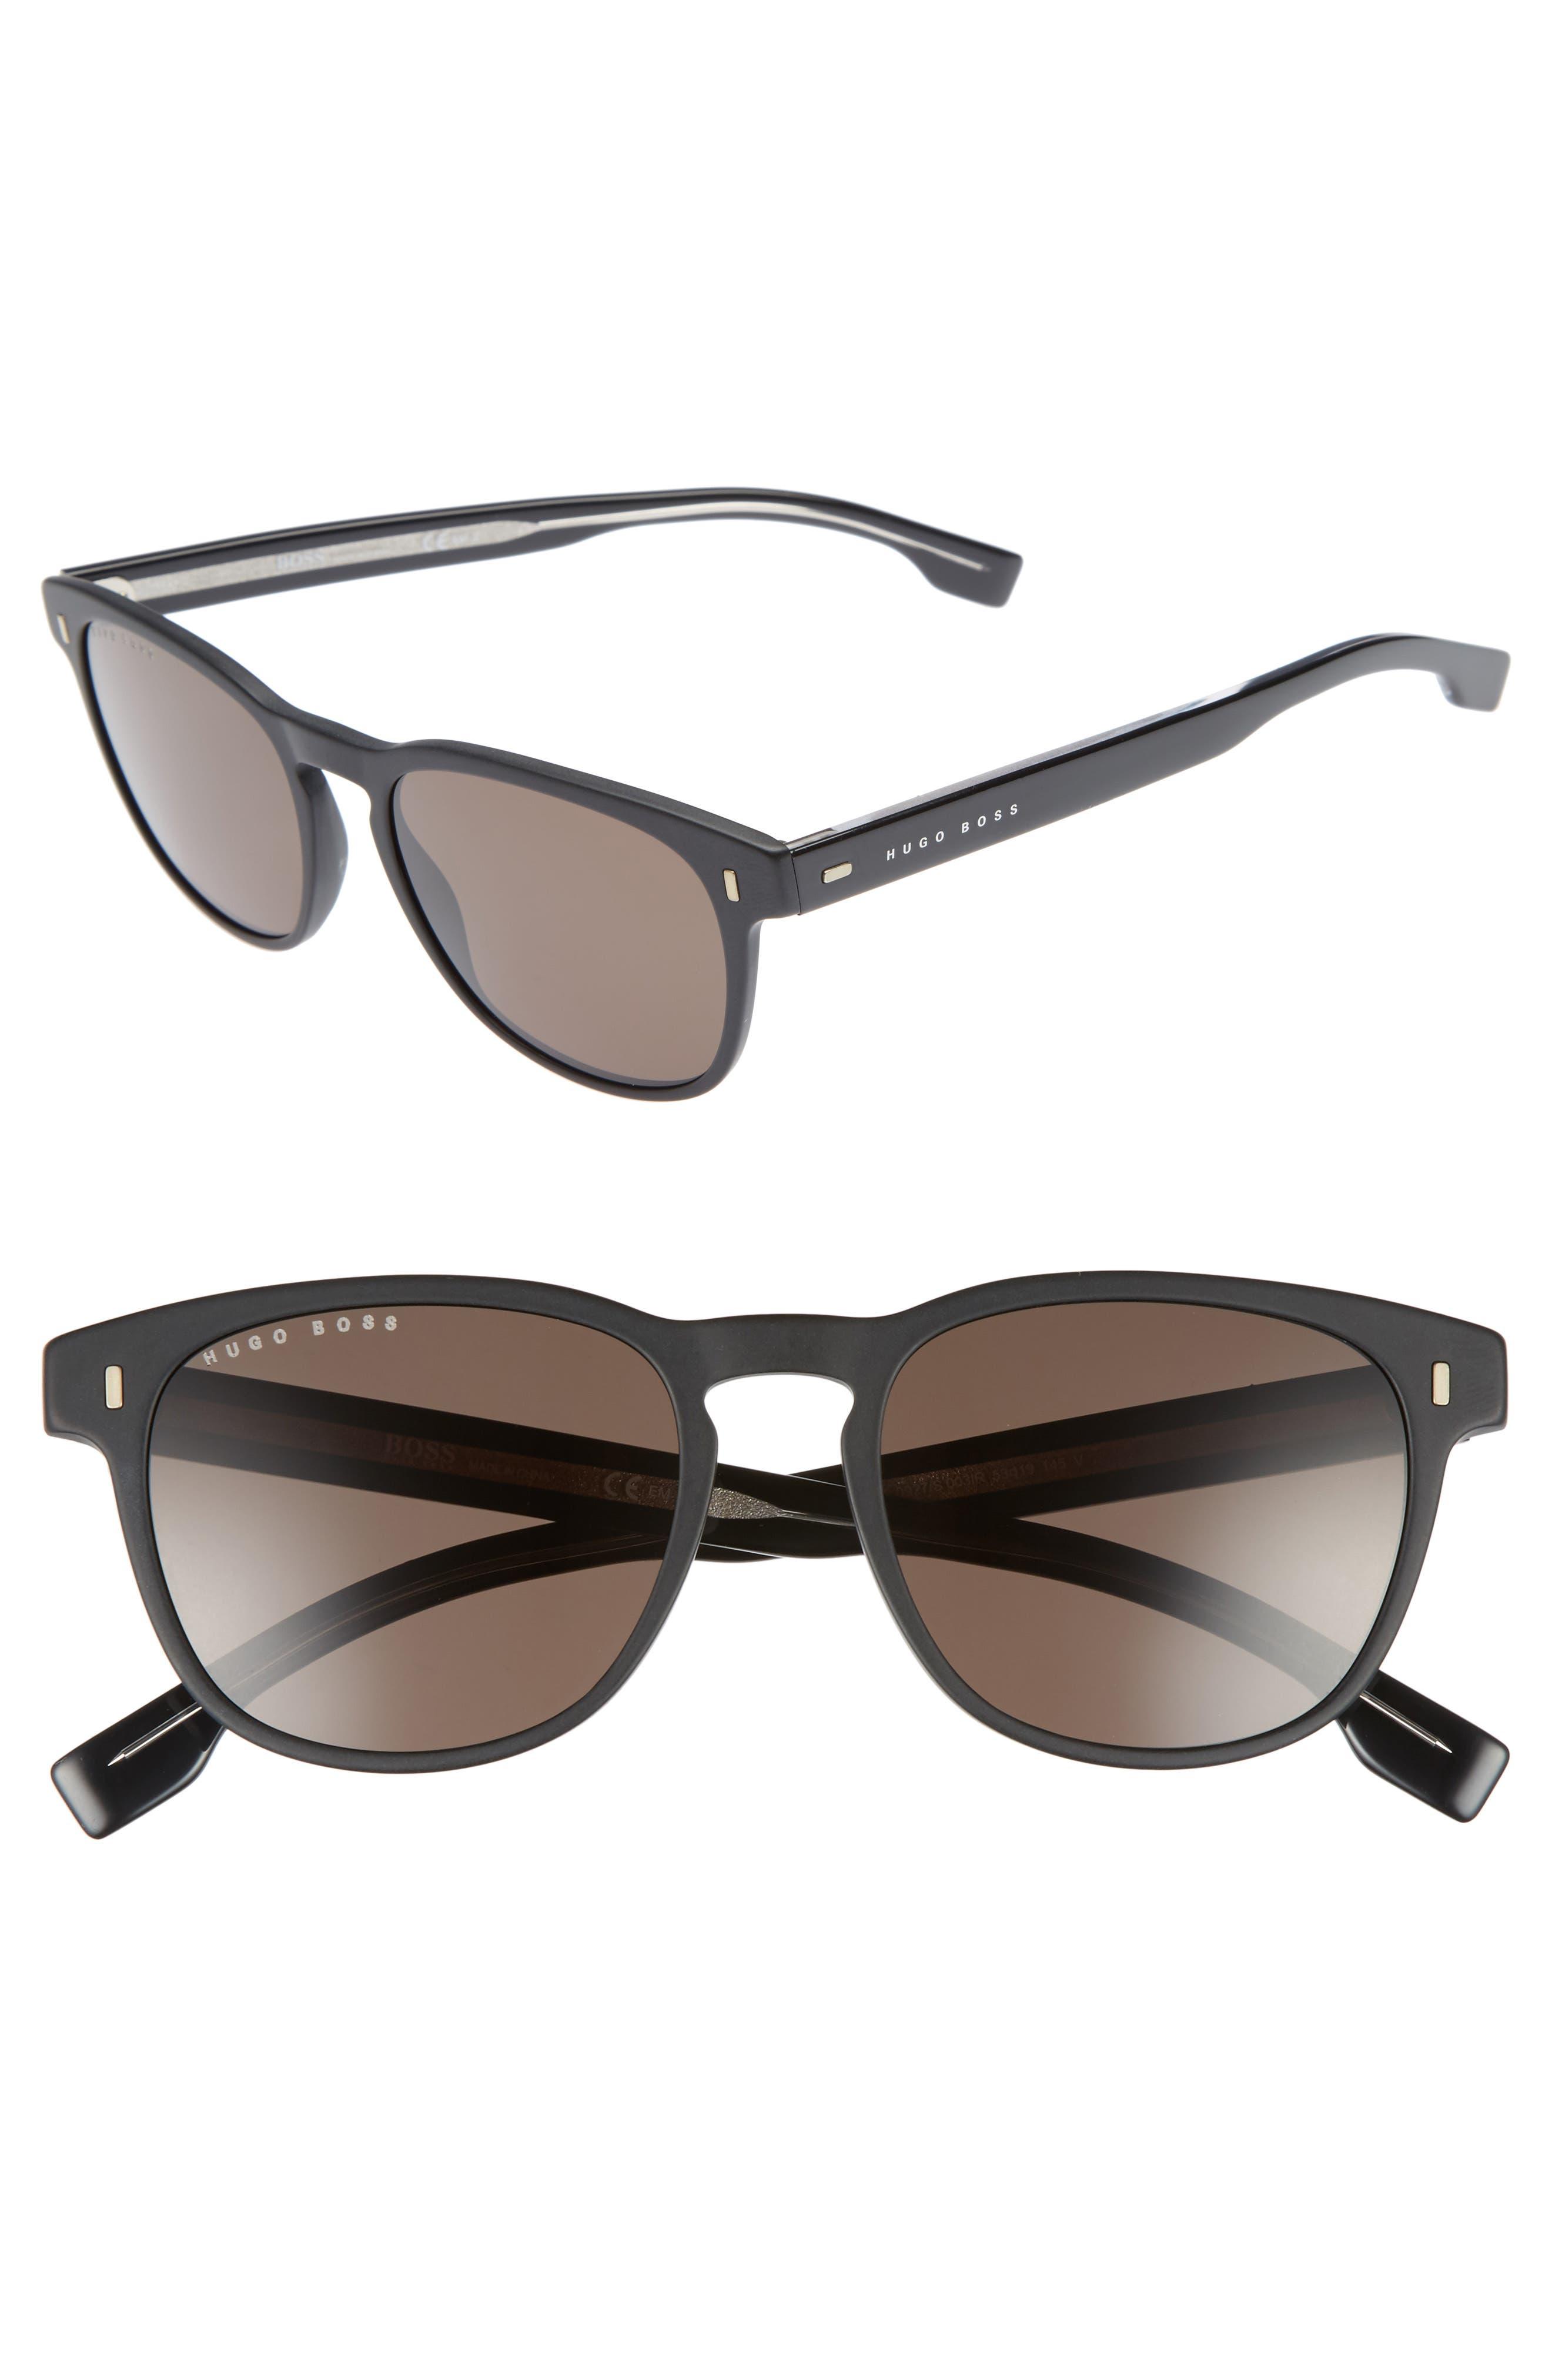 B0926S 49mm Polarized Sunglasses,                             Main thumbnail 1, color,                             MATTE BLACK/ GRAY BLUE